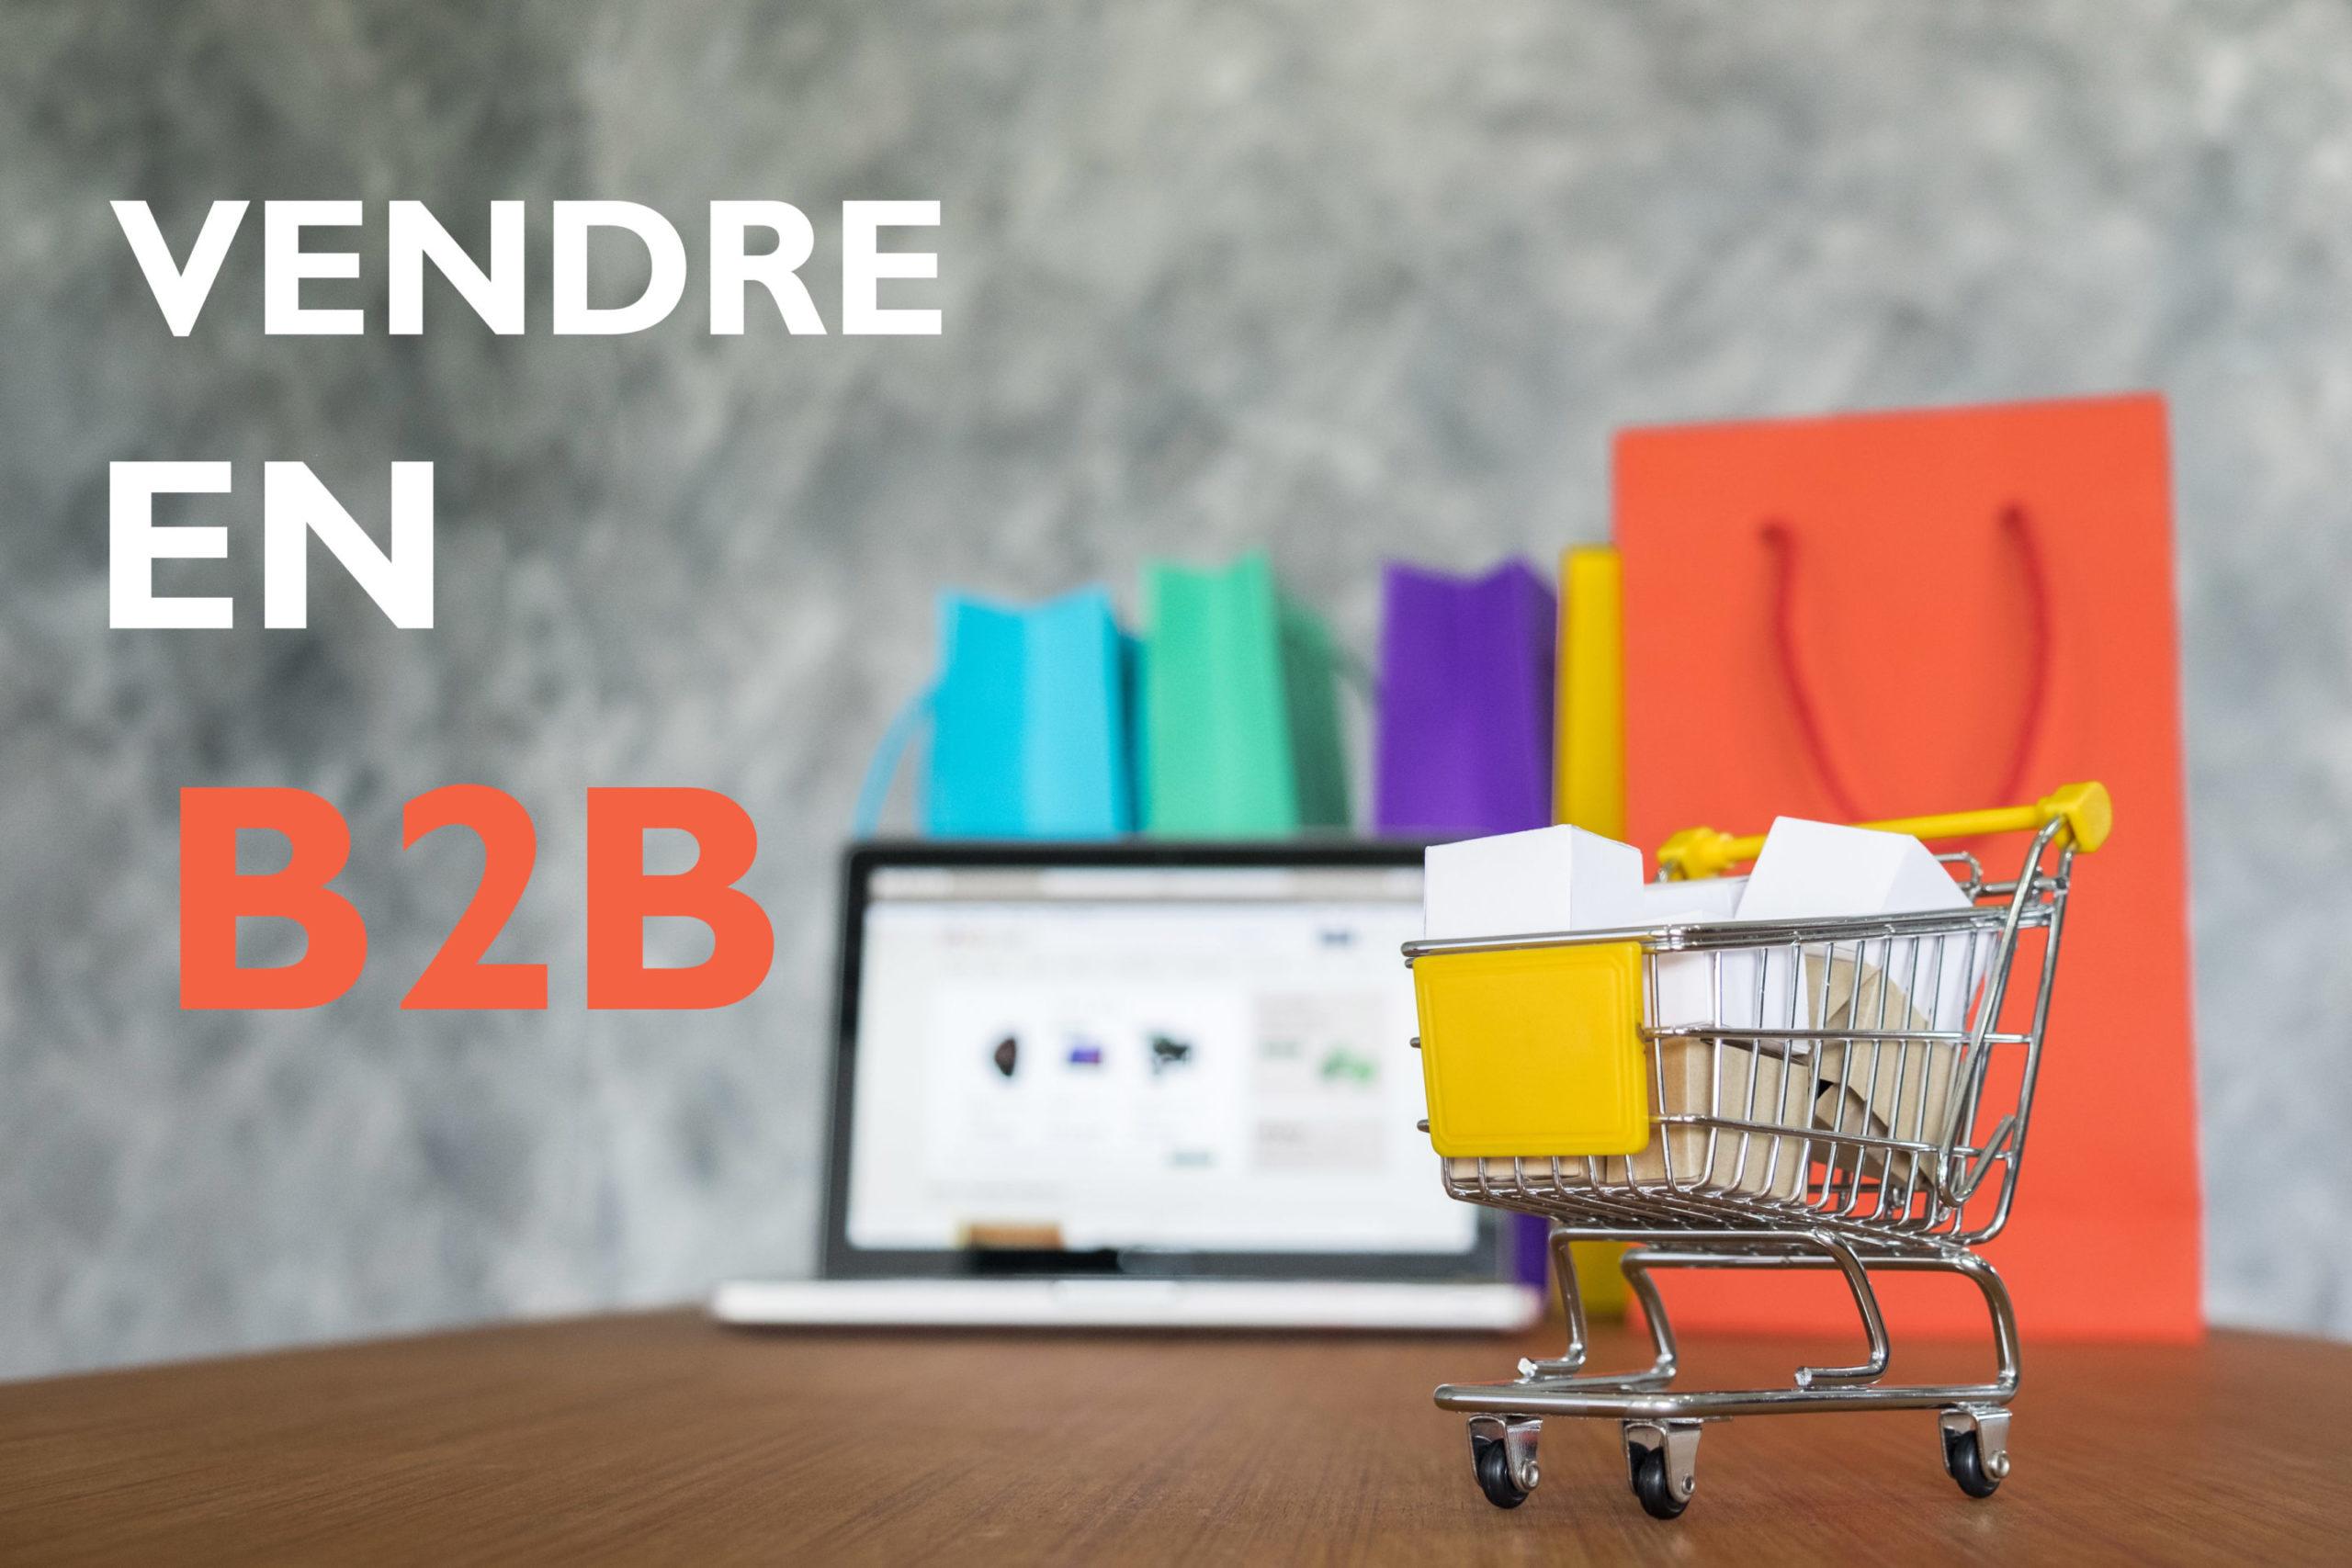 vendre-en-b2b